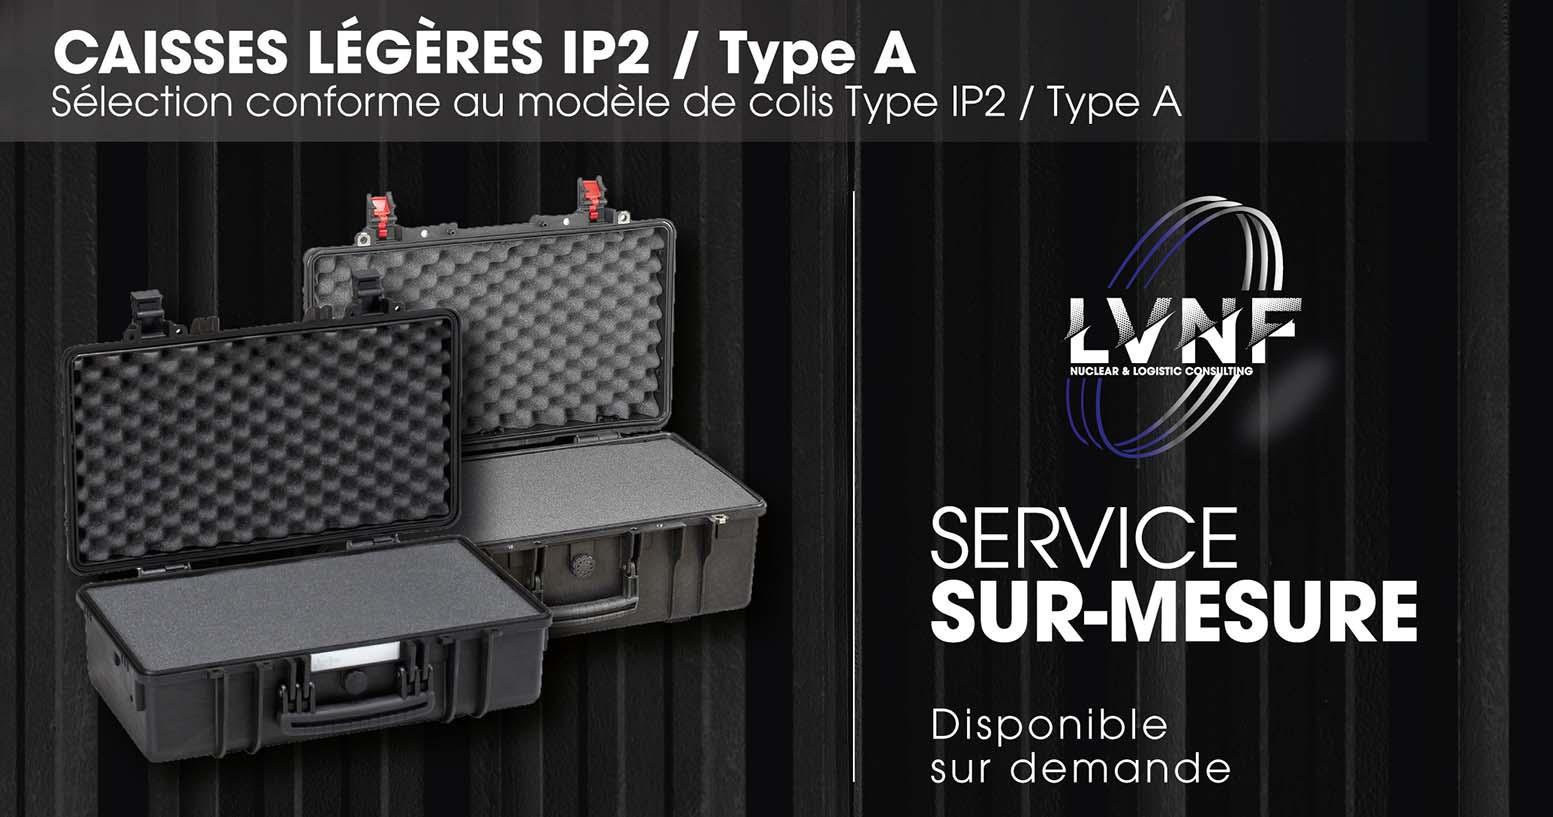 Caisses légères IP2 sur-mesure